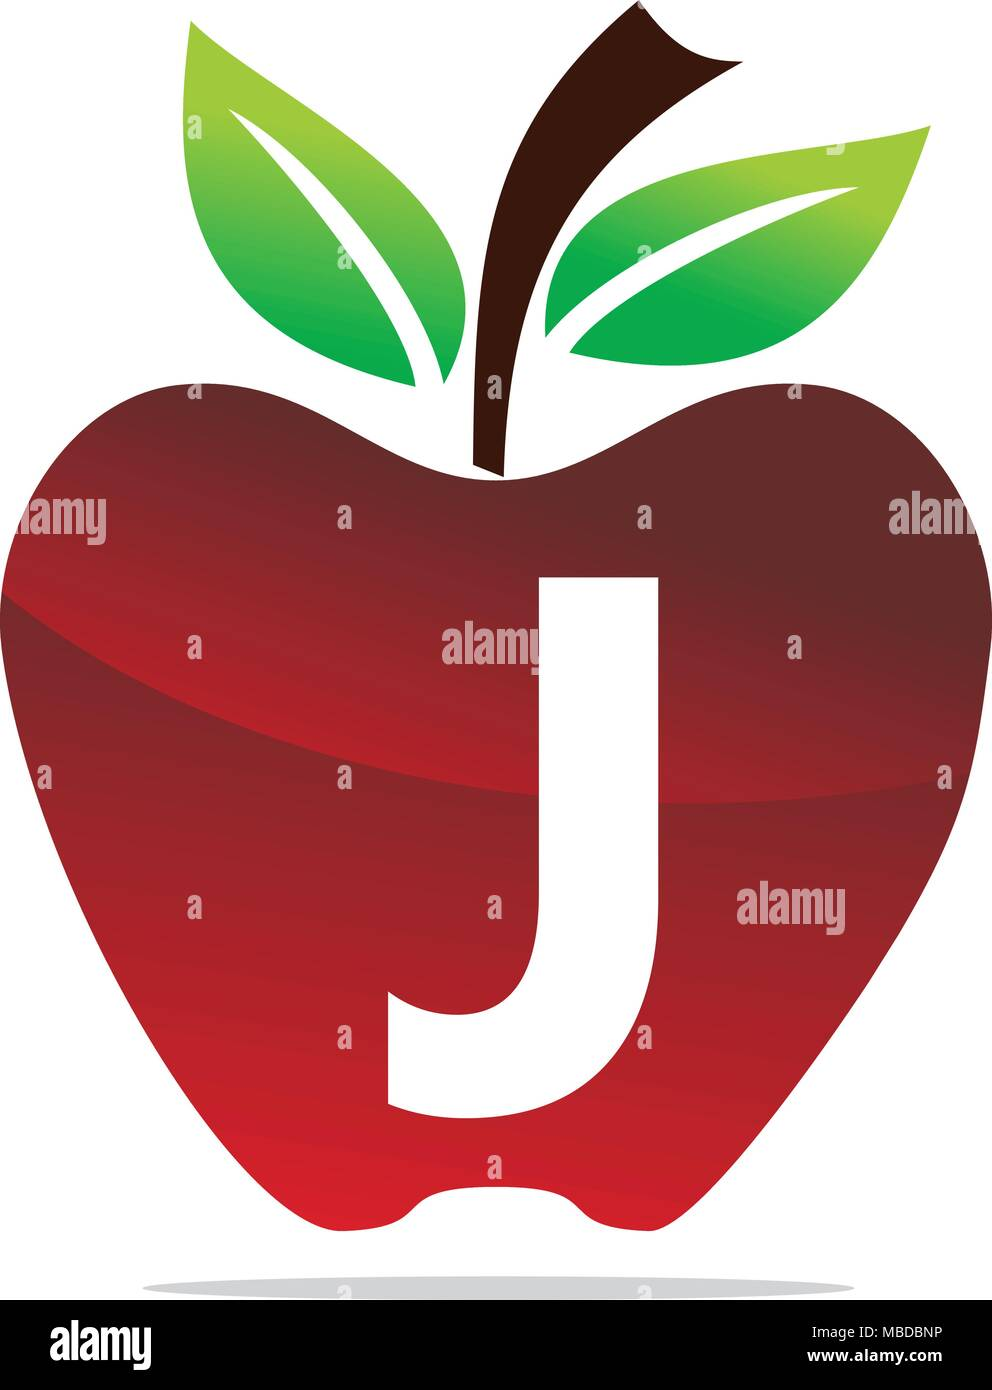 apple letter j logo design template vector stock vector art